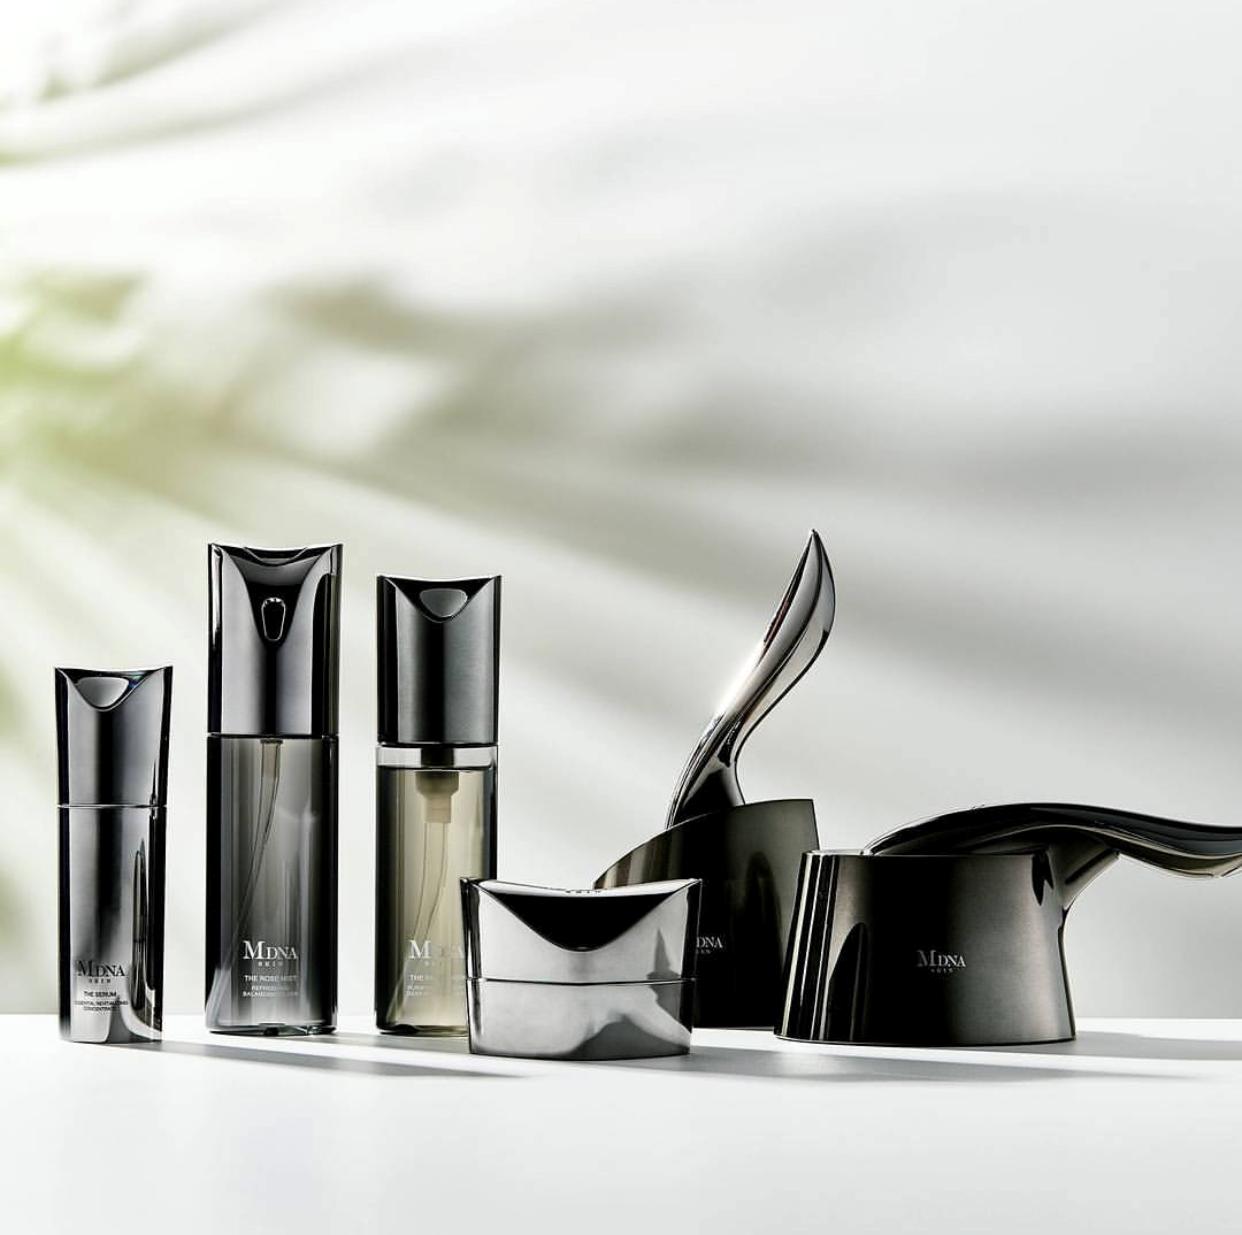 MDNA Skin添加源自蒙特卡蒂尼的稀有礦物泥、溫泉水及各種天然成份。